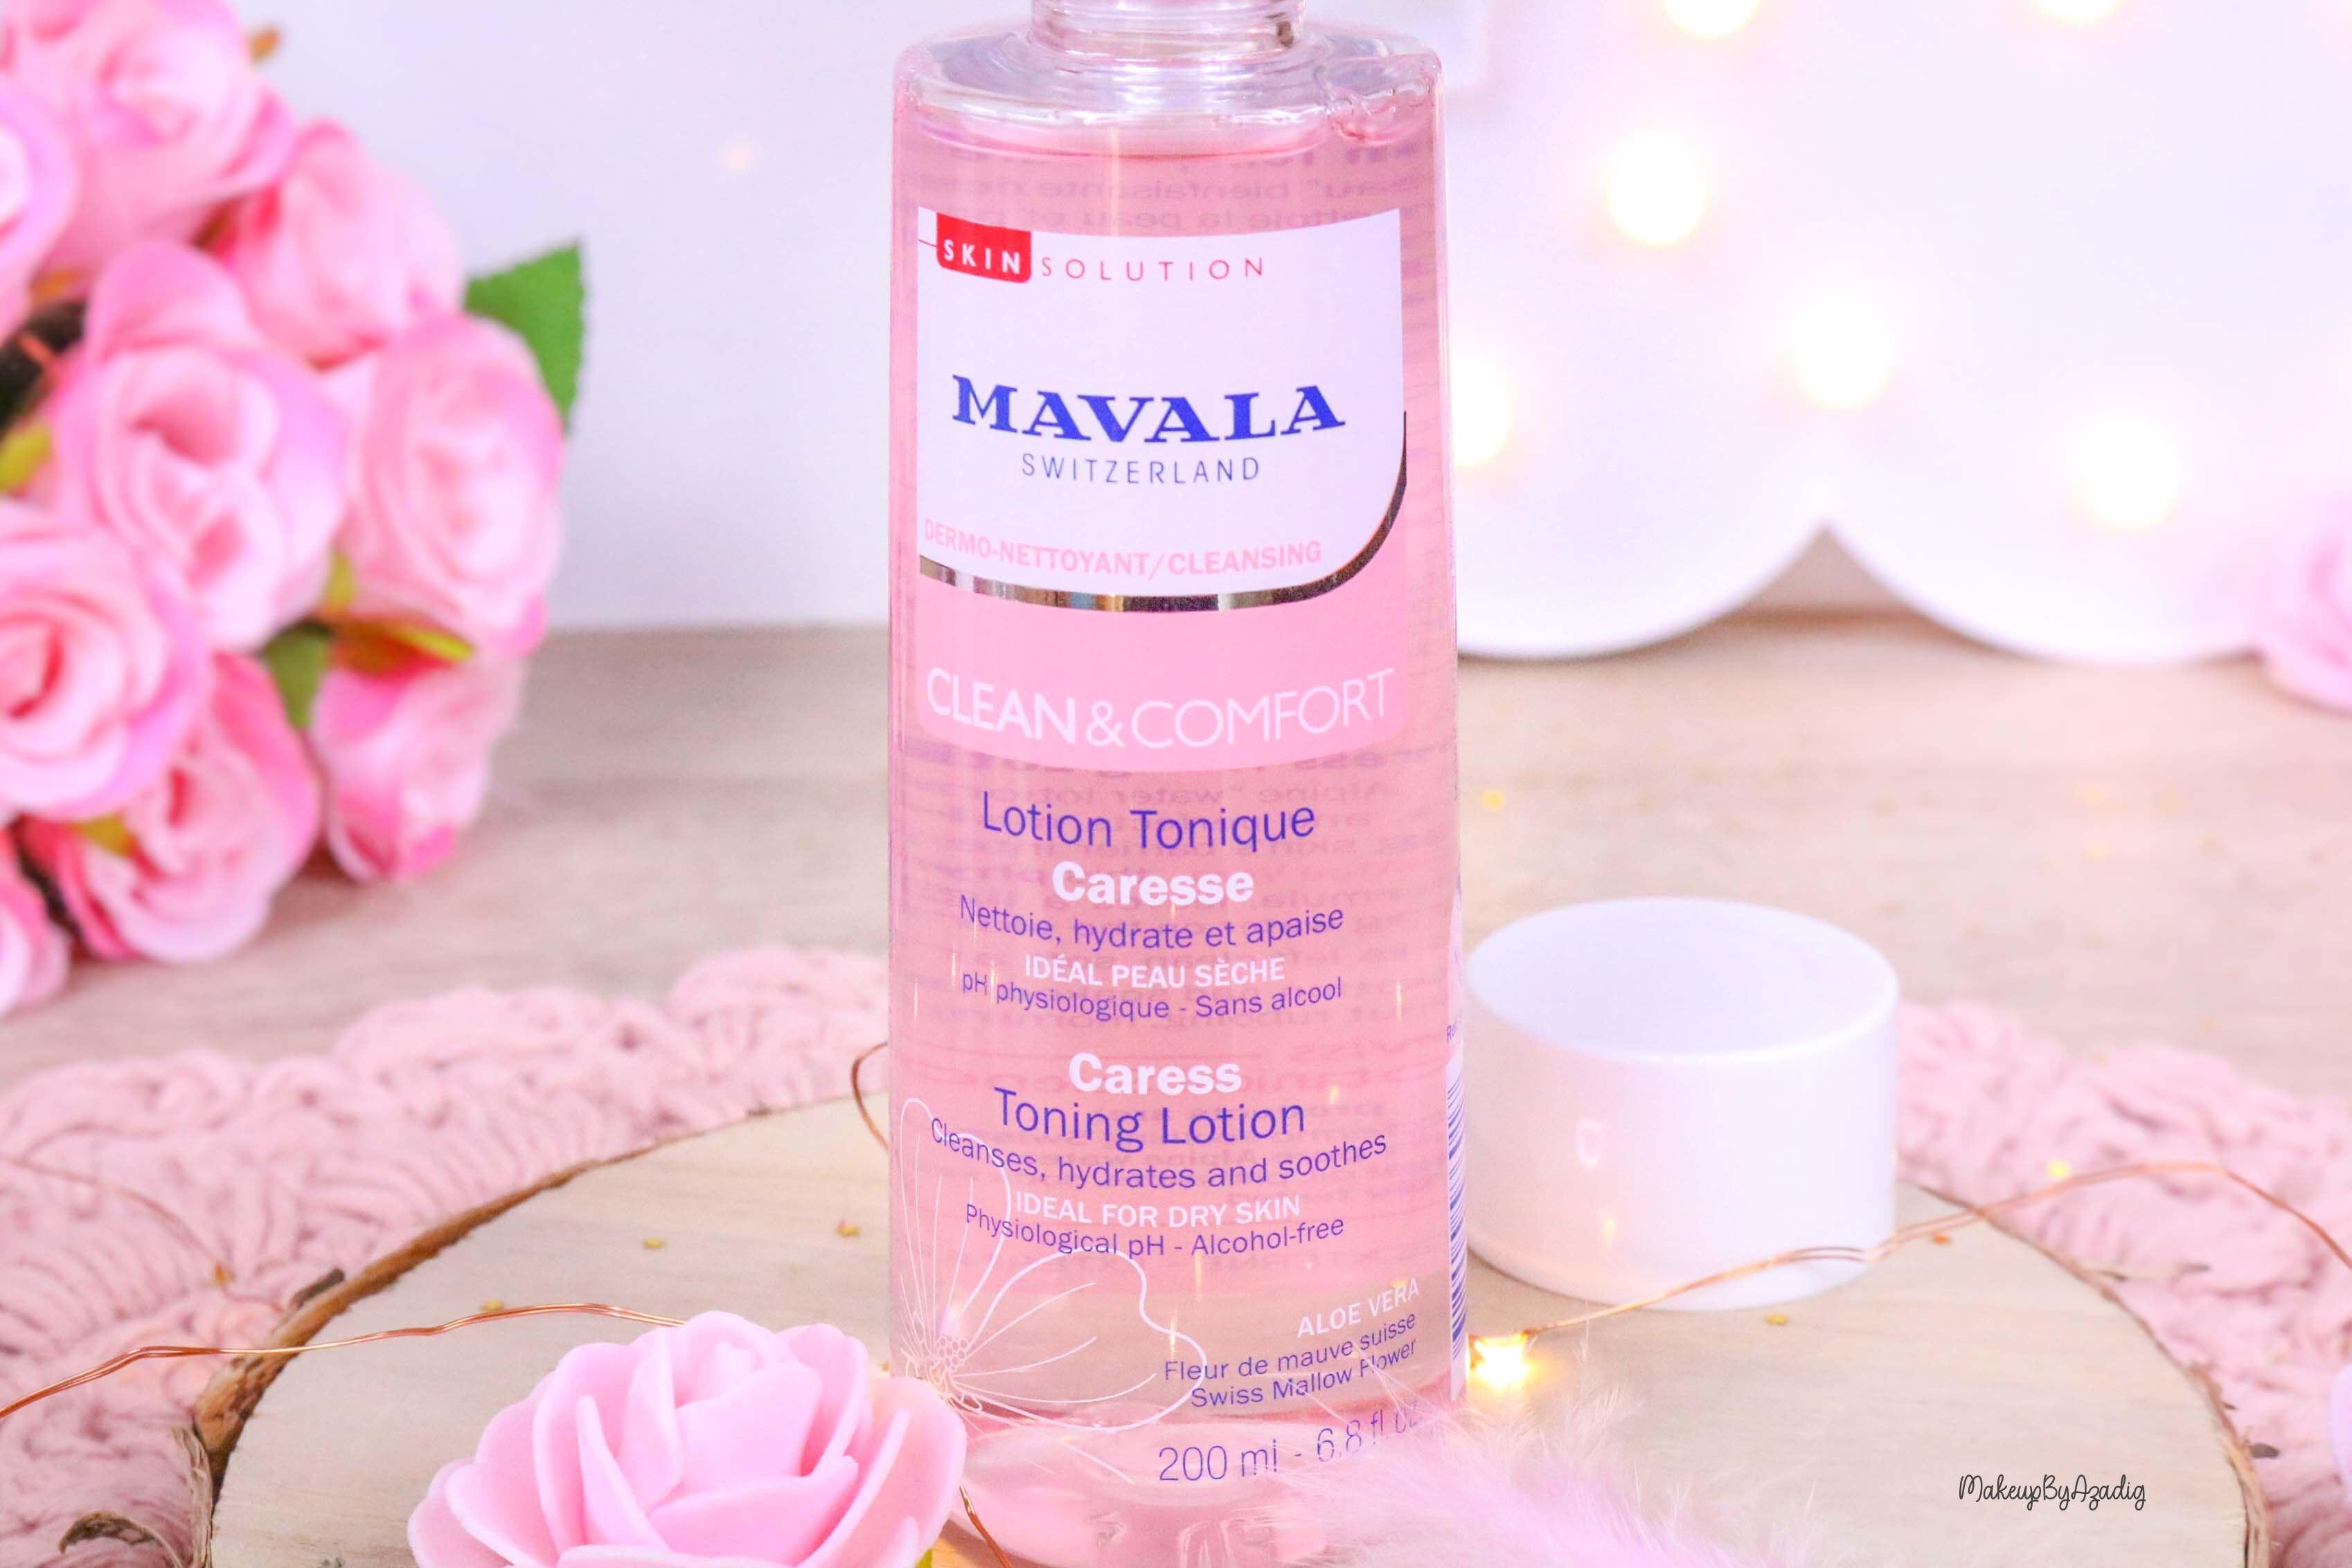 revue-routine-demaquillage-soin-confort-mavala-suisse-clean-lotion-tonique-lait-eau-micellaire-makeupbyazadig-apaise